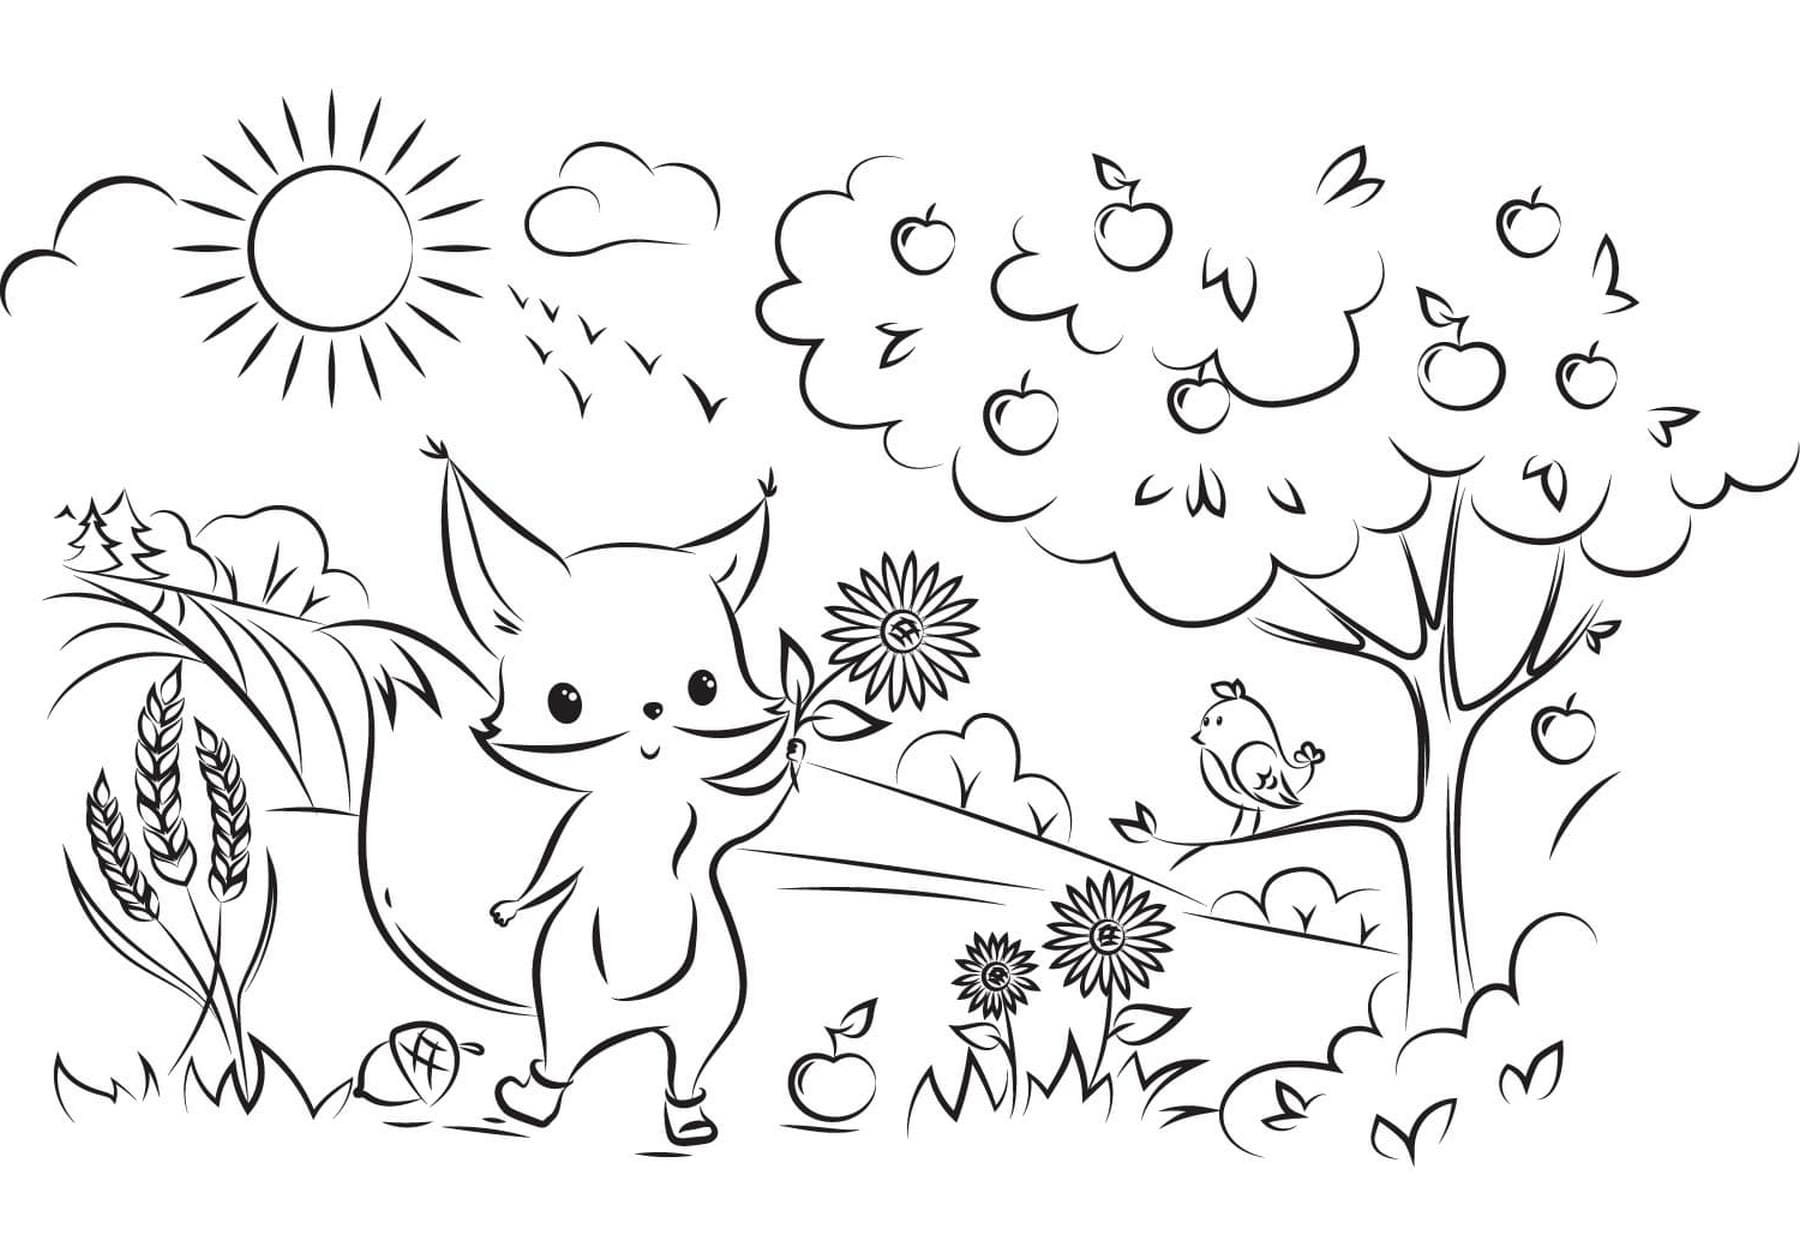 herbst ausmalbilder 120 malvorlagen für kinder  wonder day